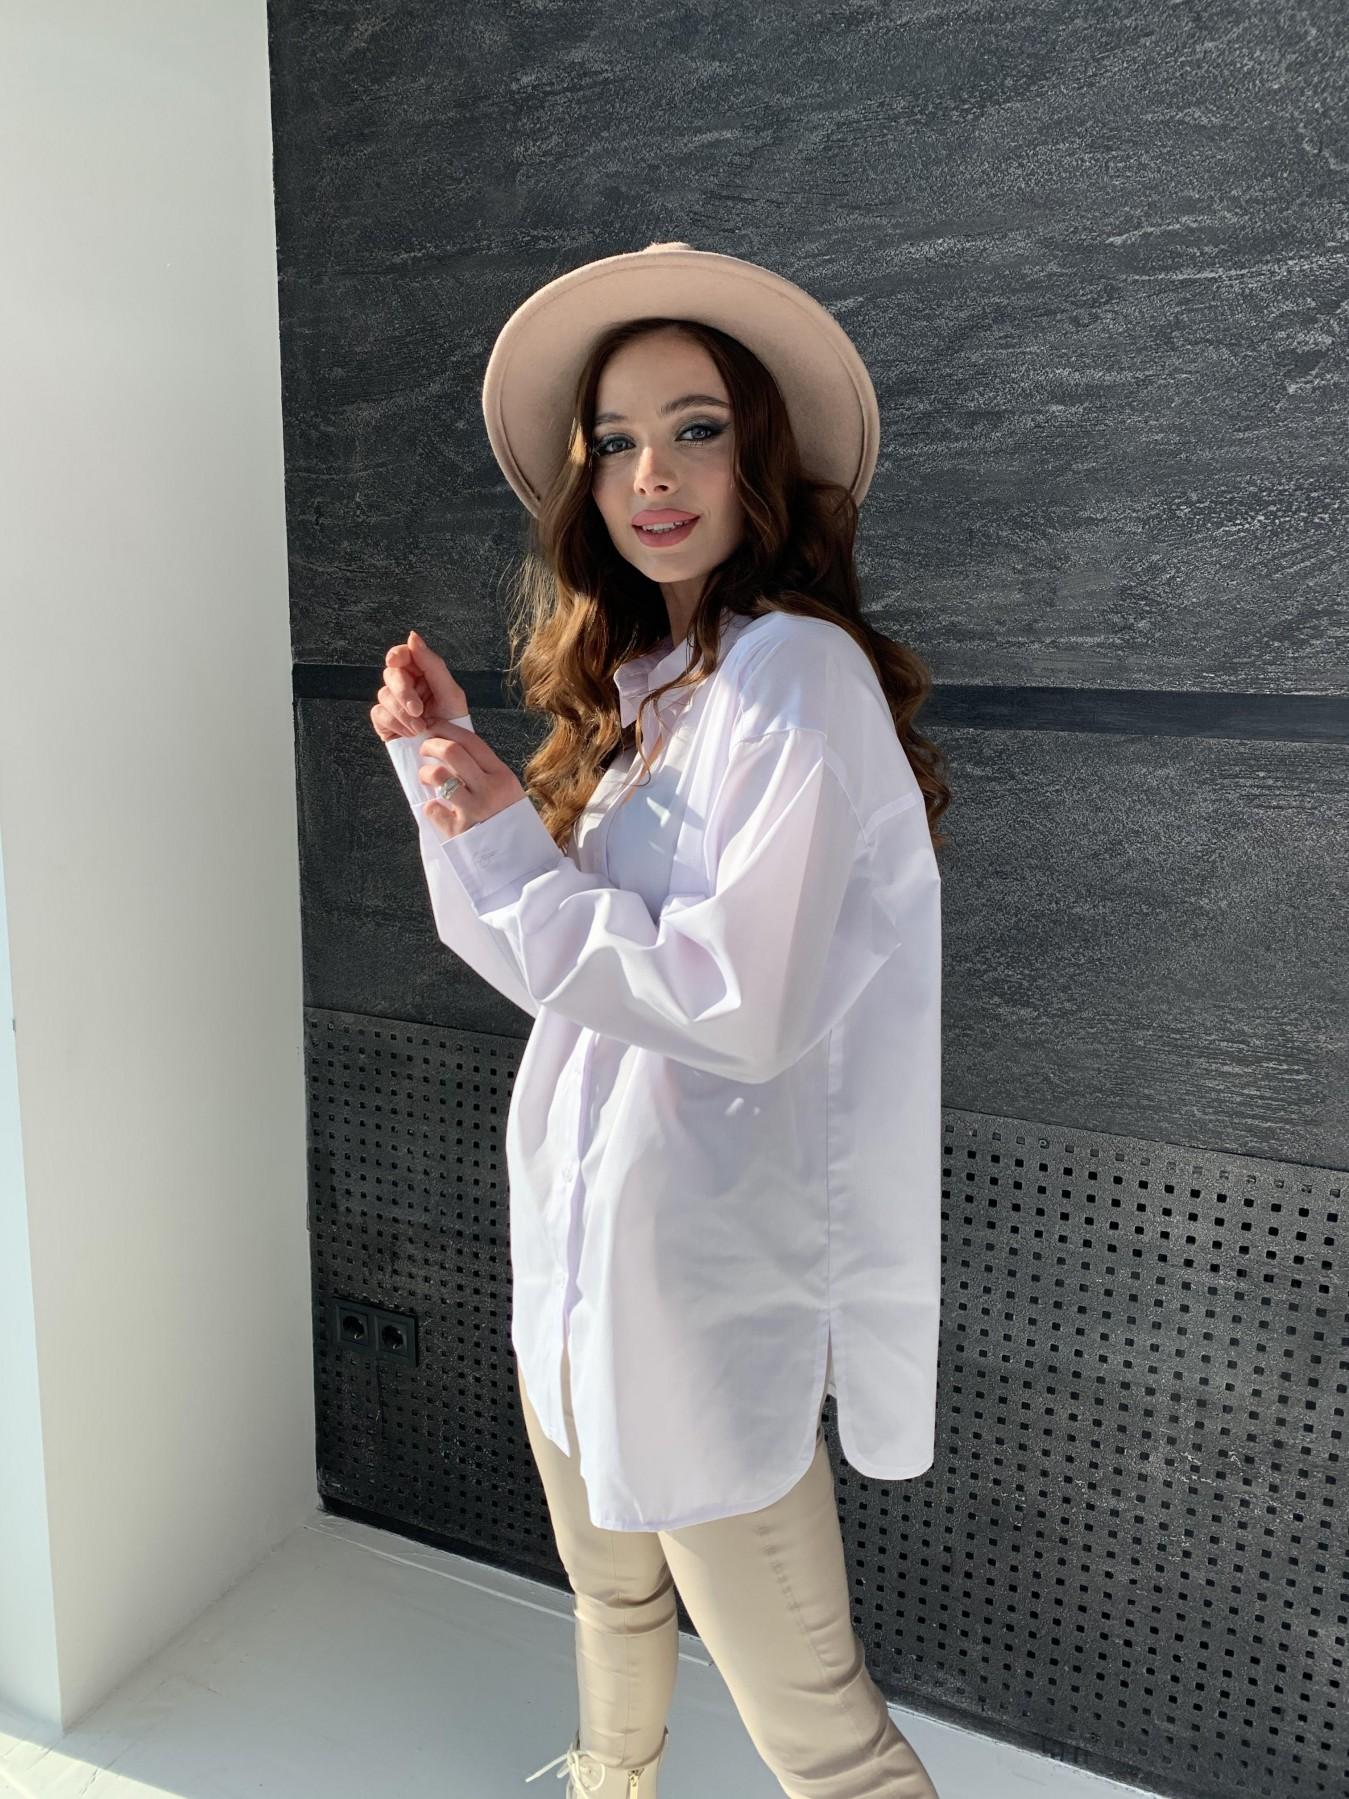 Найс рубашка из хлопковой ткани 10808 АРТ. 47287 Цвет: Белый - фото 6, интернет магазин tm-modus.ru